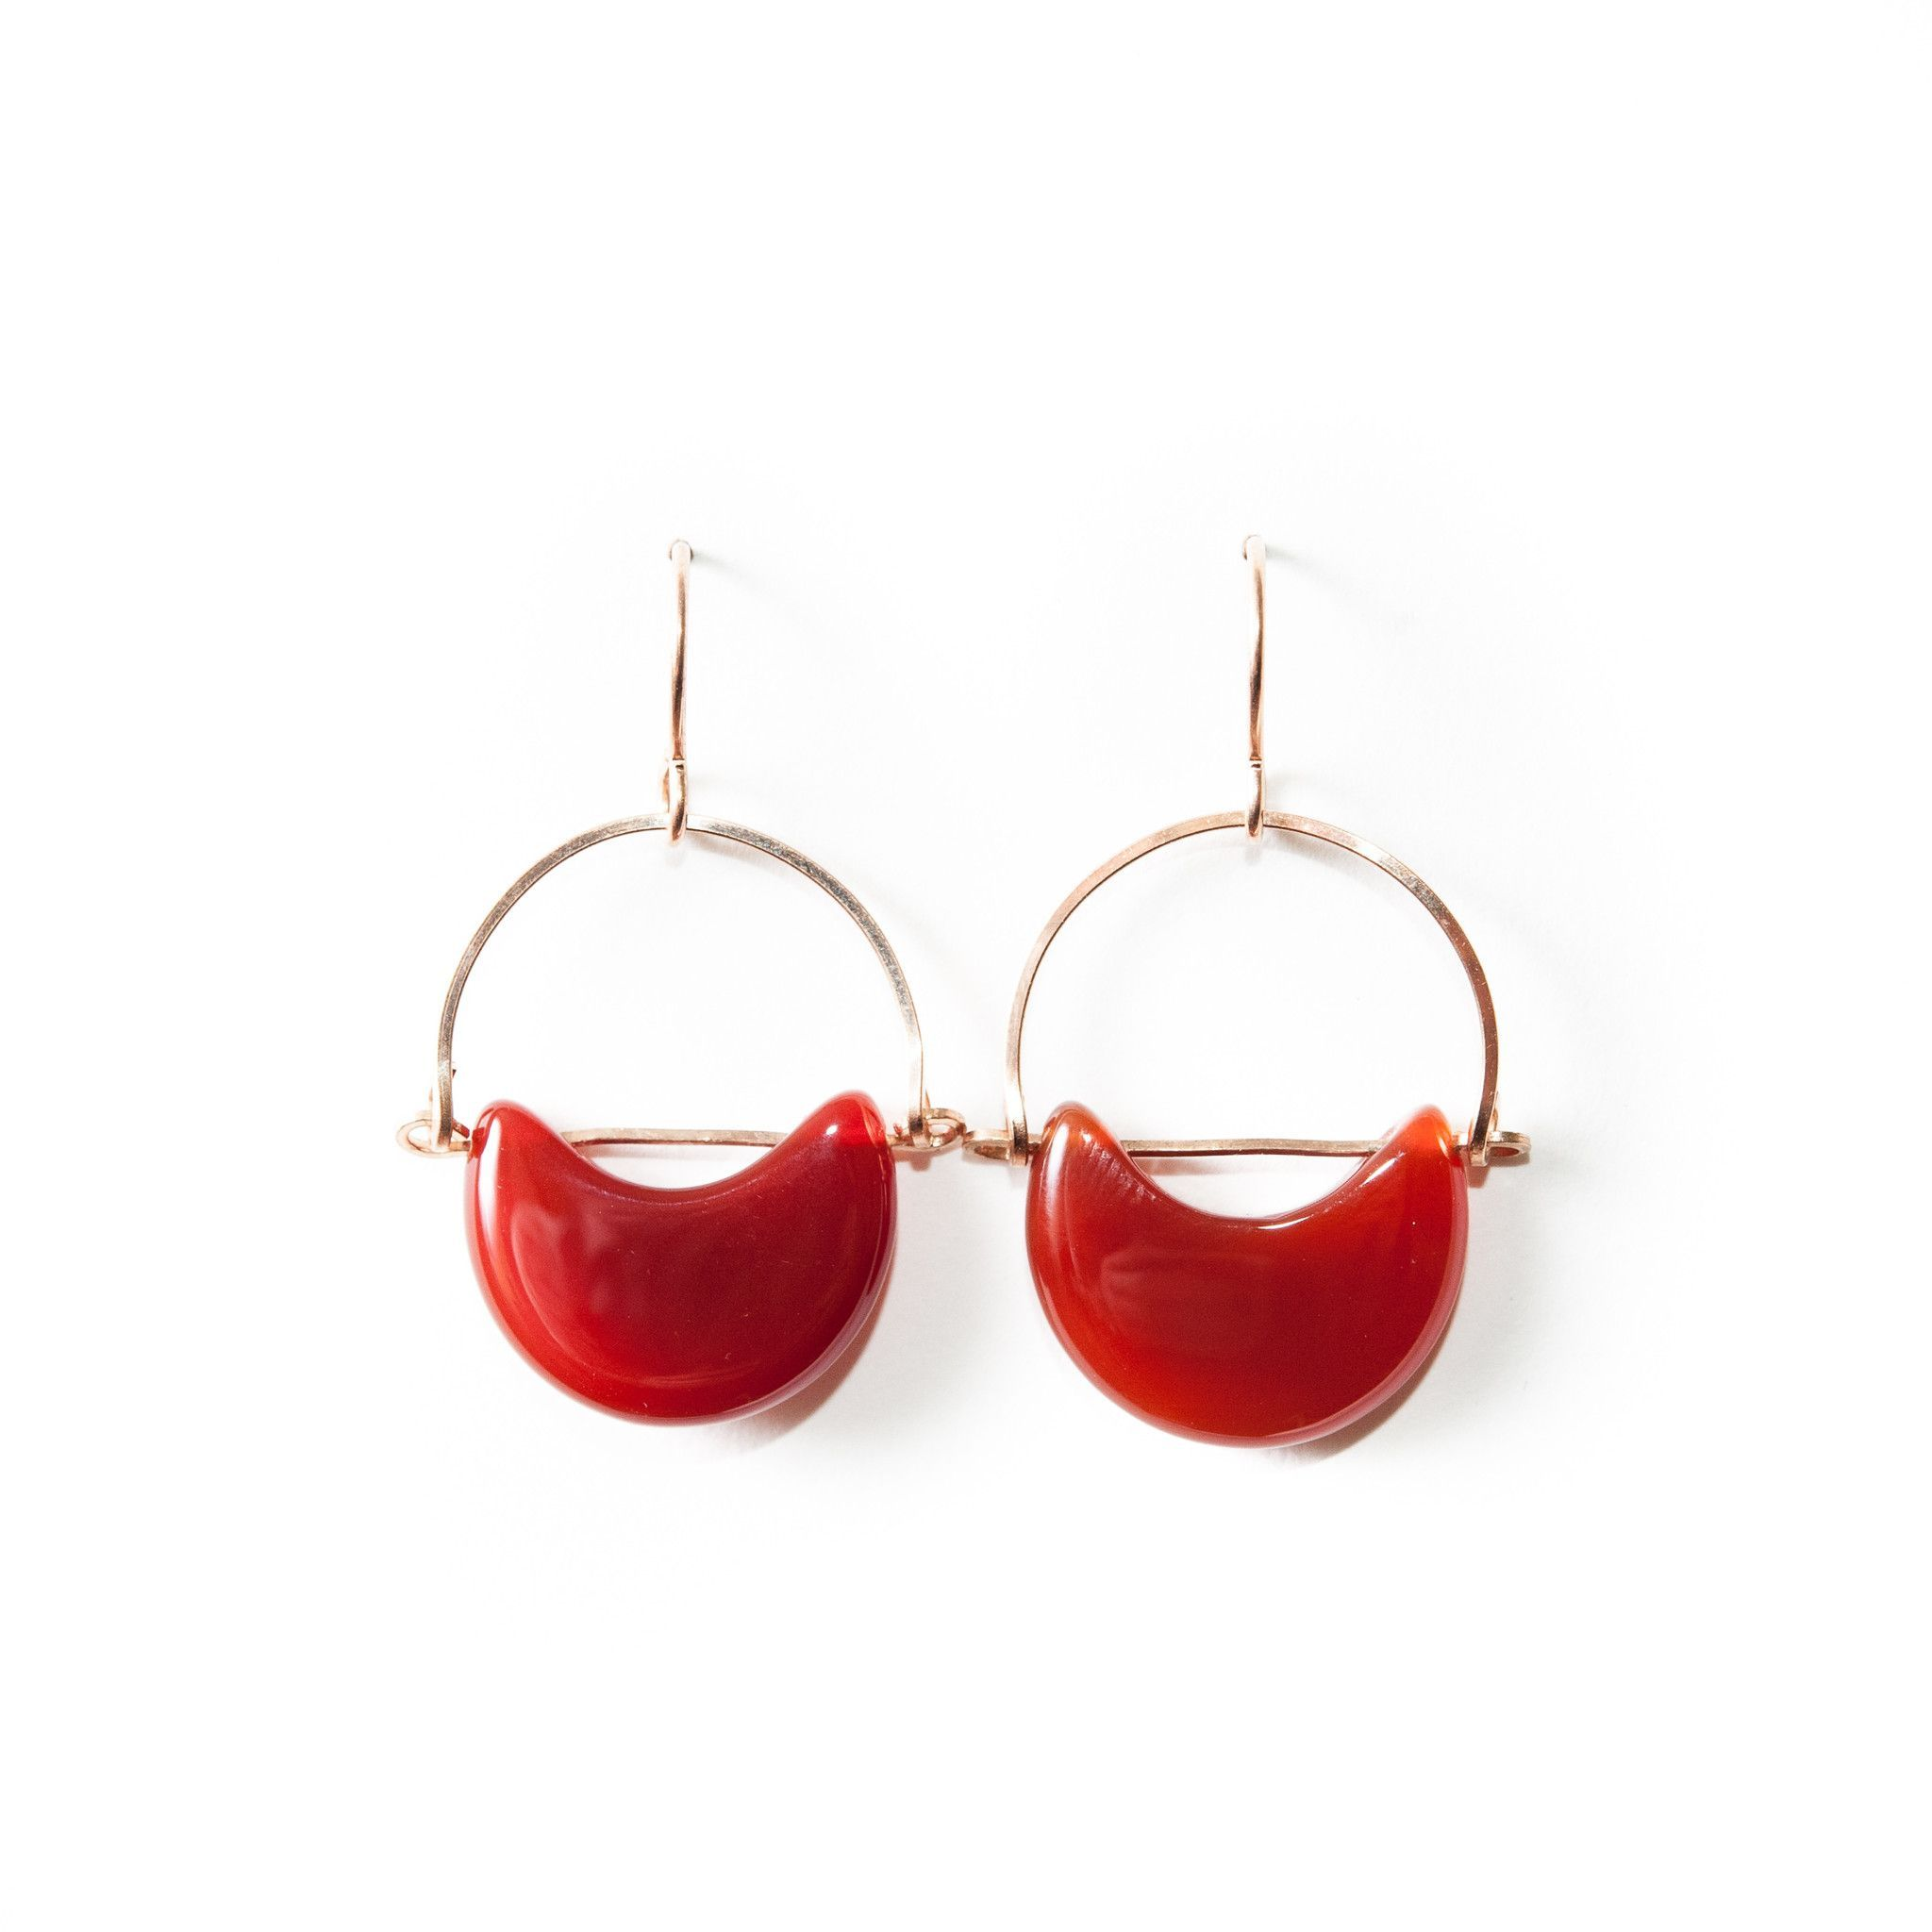 Eclipse Earrings / Carnelian